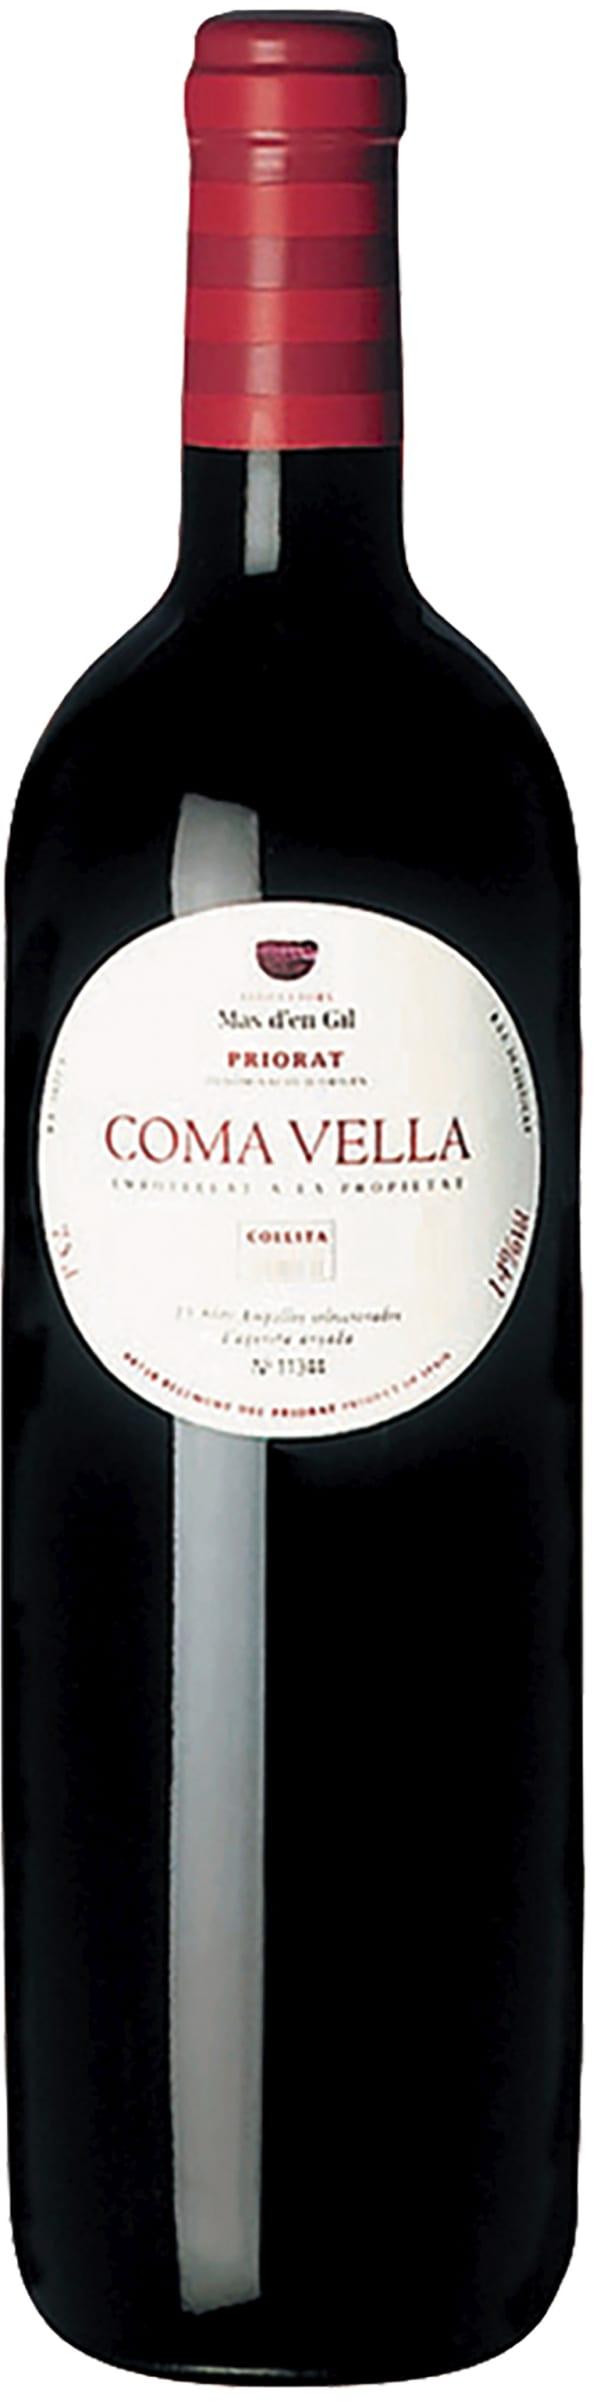 Coma Vella 2010